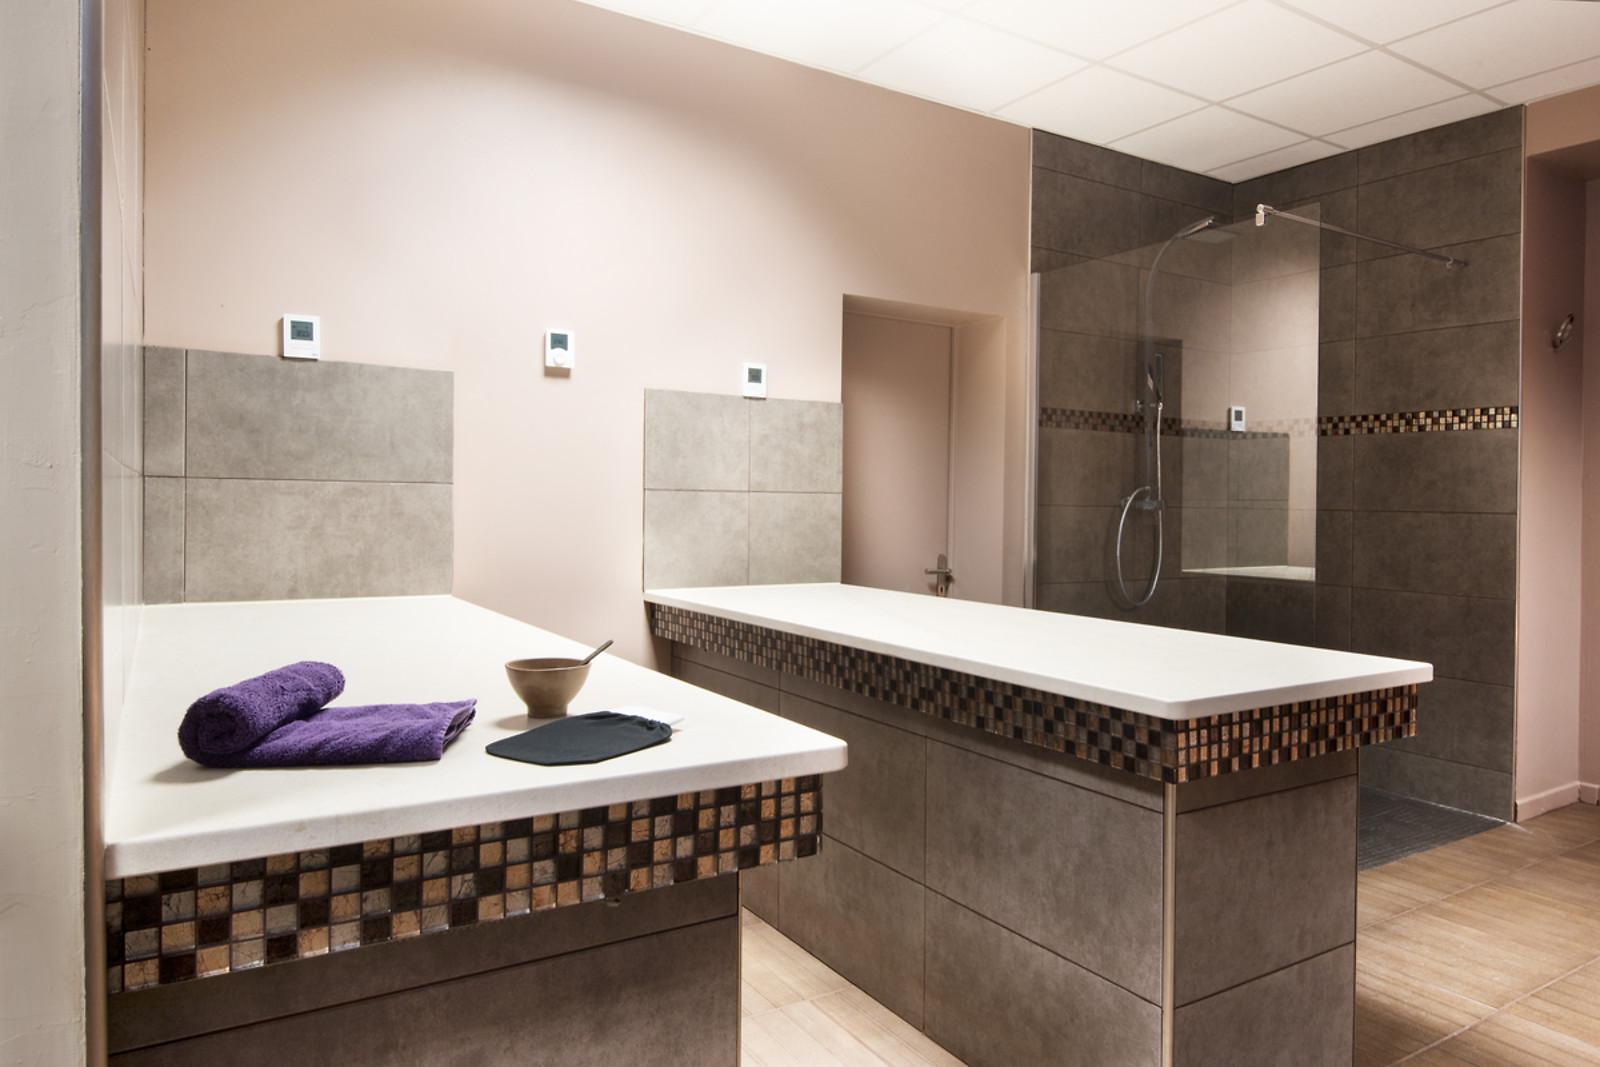 soin et modelage dos chez sabrina beaut et spa angoulins 17 wonderbox. Black Bedroom Furniture Sets. Home Design Ideas